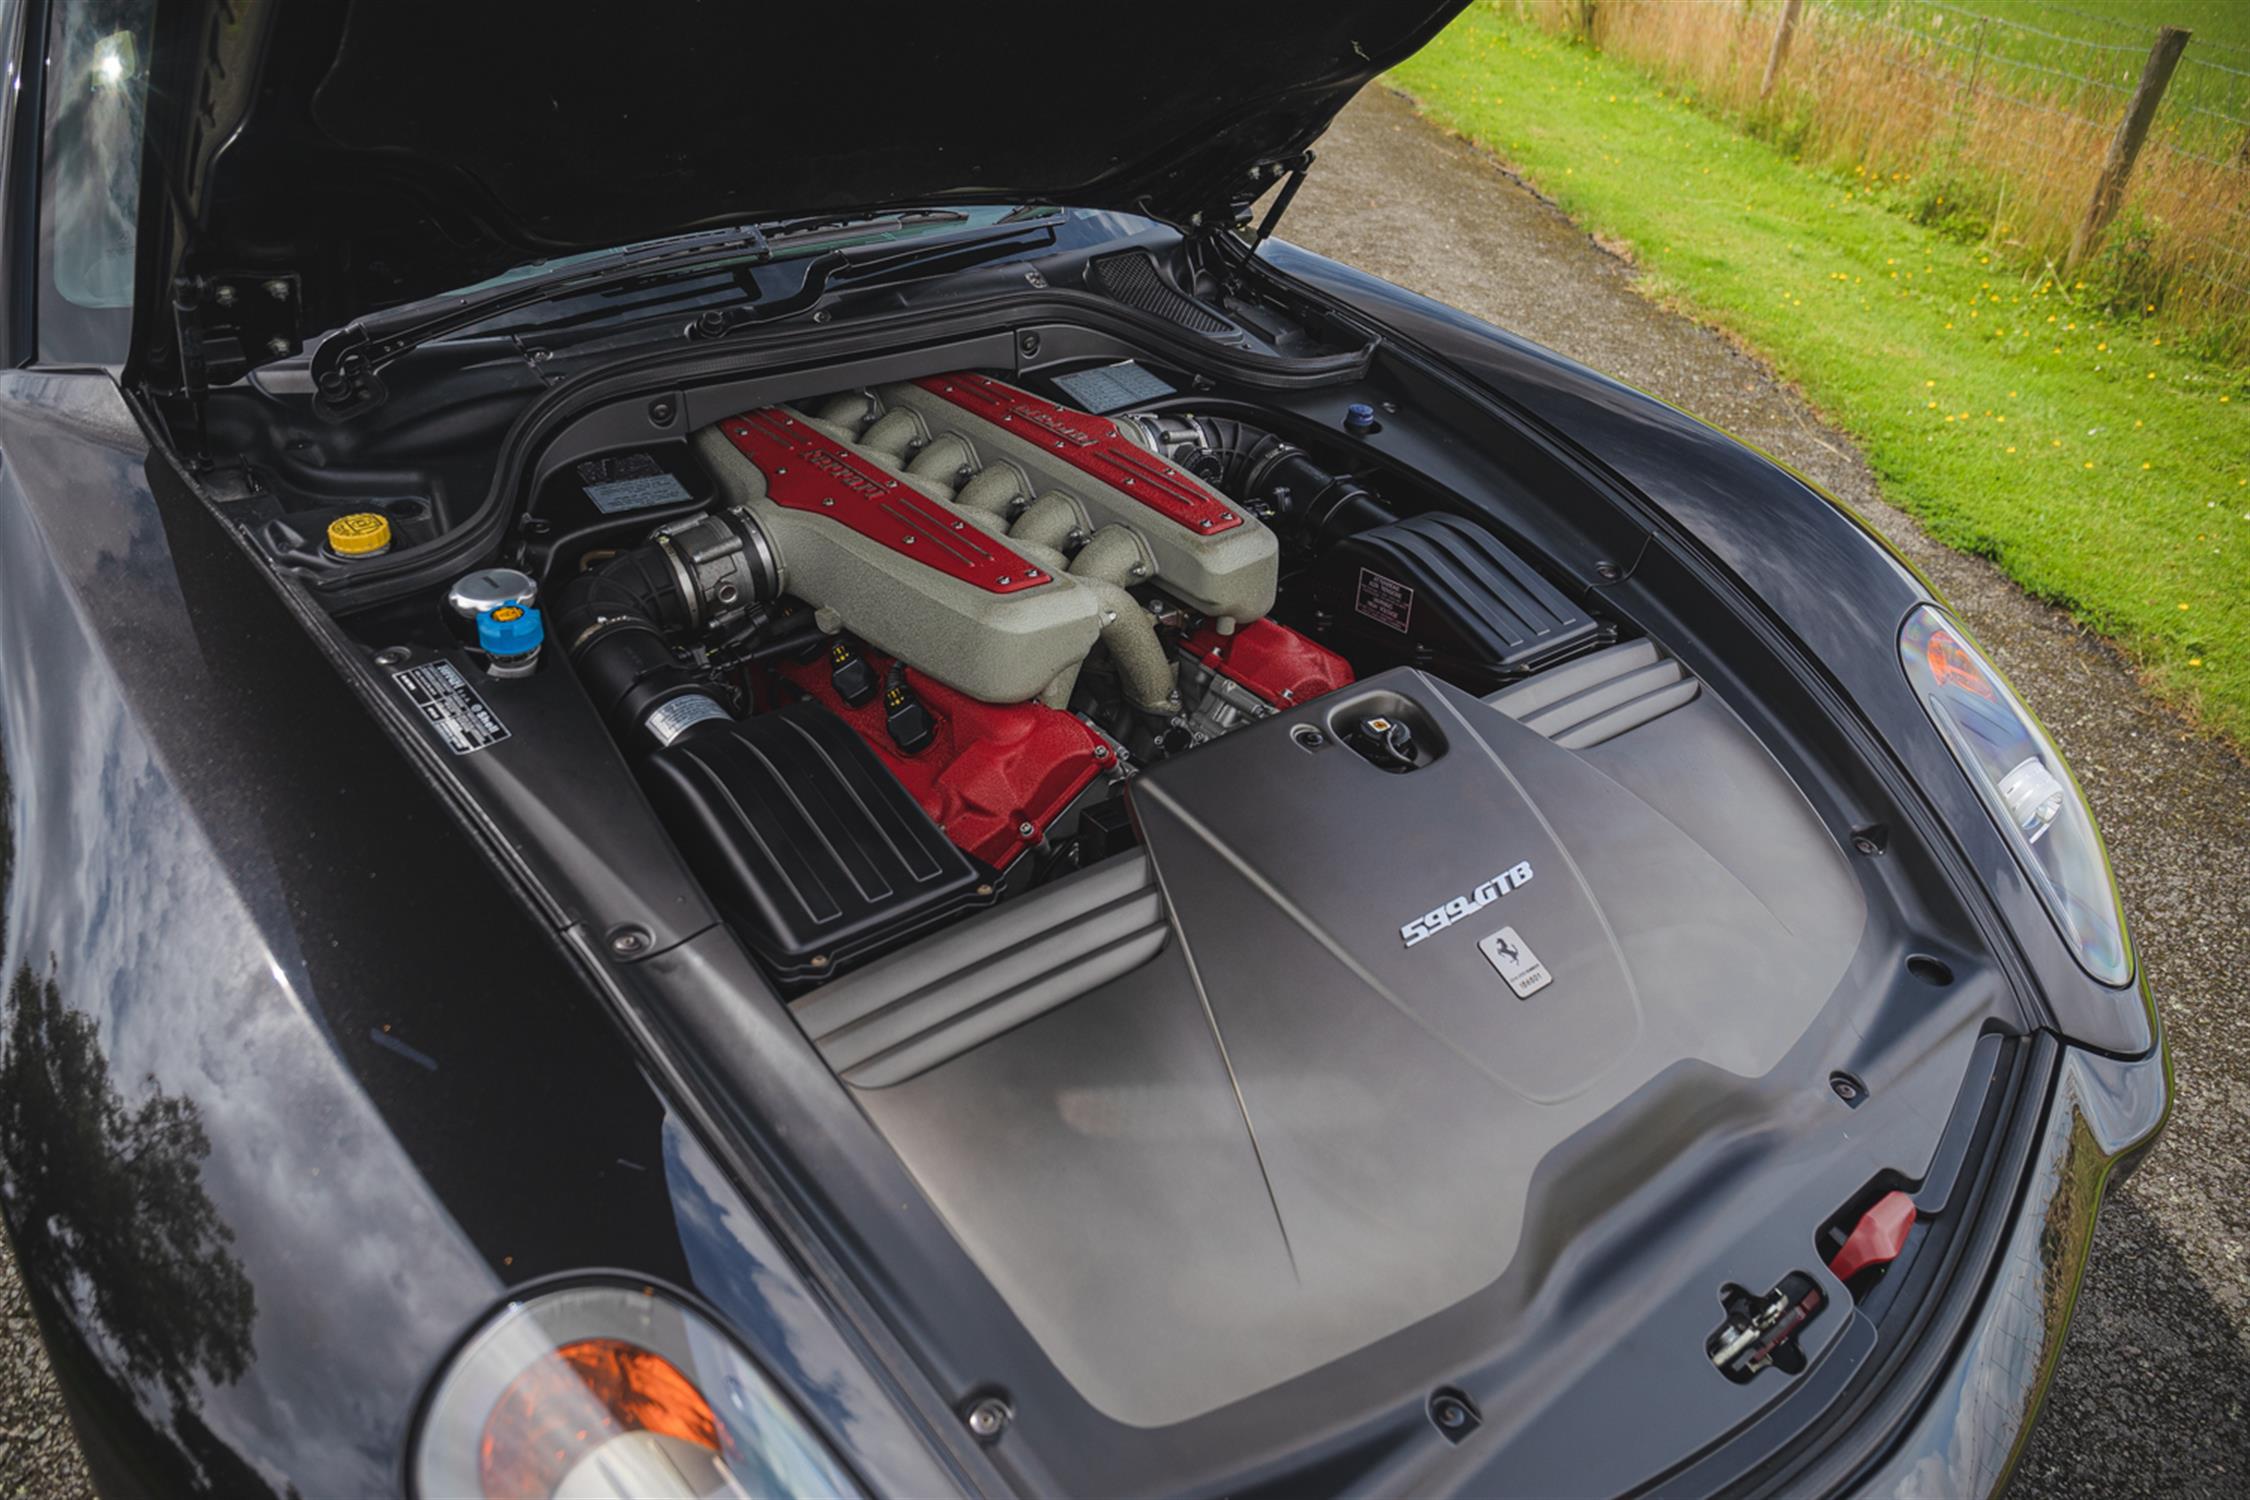 2007 Ferrari 599 GTB Fiorano F1 - Image 10 of 11